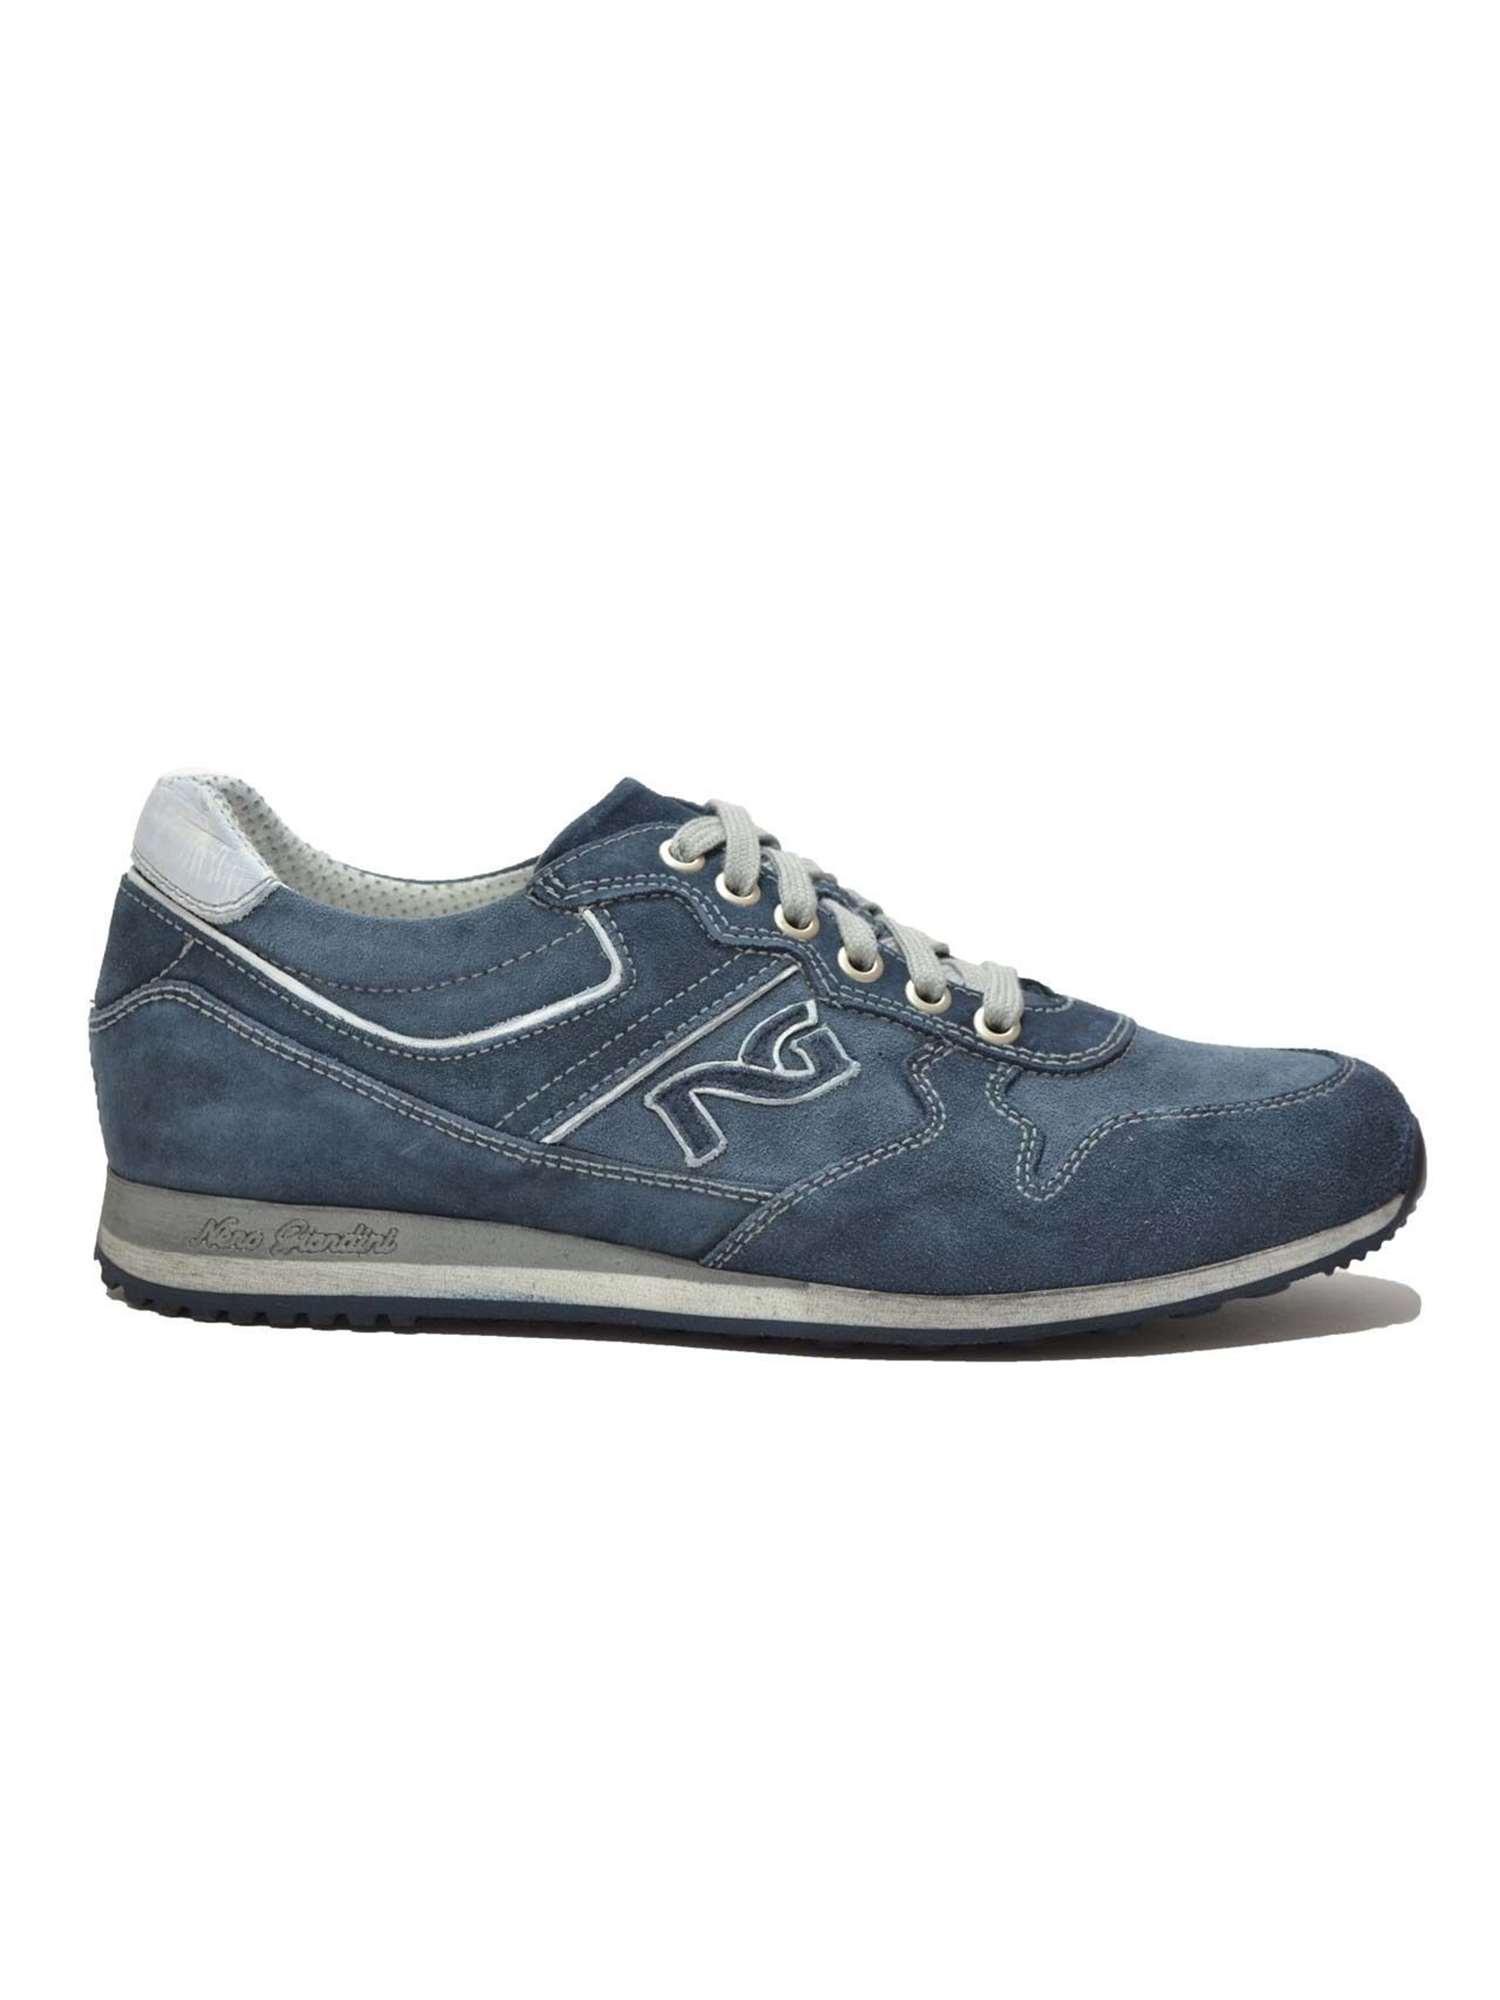 Nero giardini uomo lacci blu lacci uomo tania calzature bari - Scarpa uomo nero giardini ...